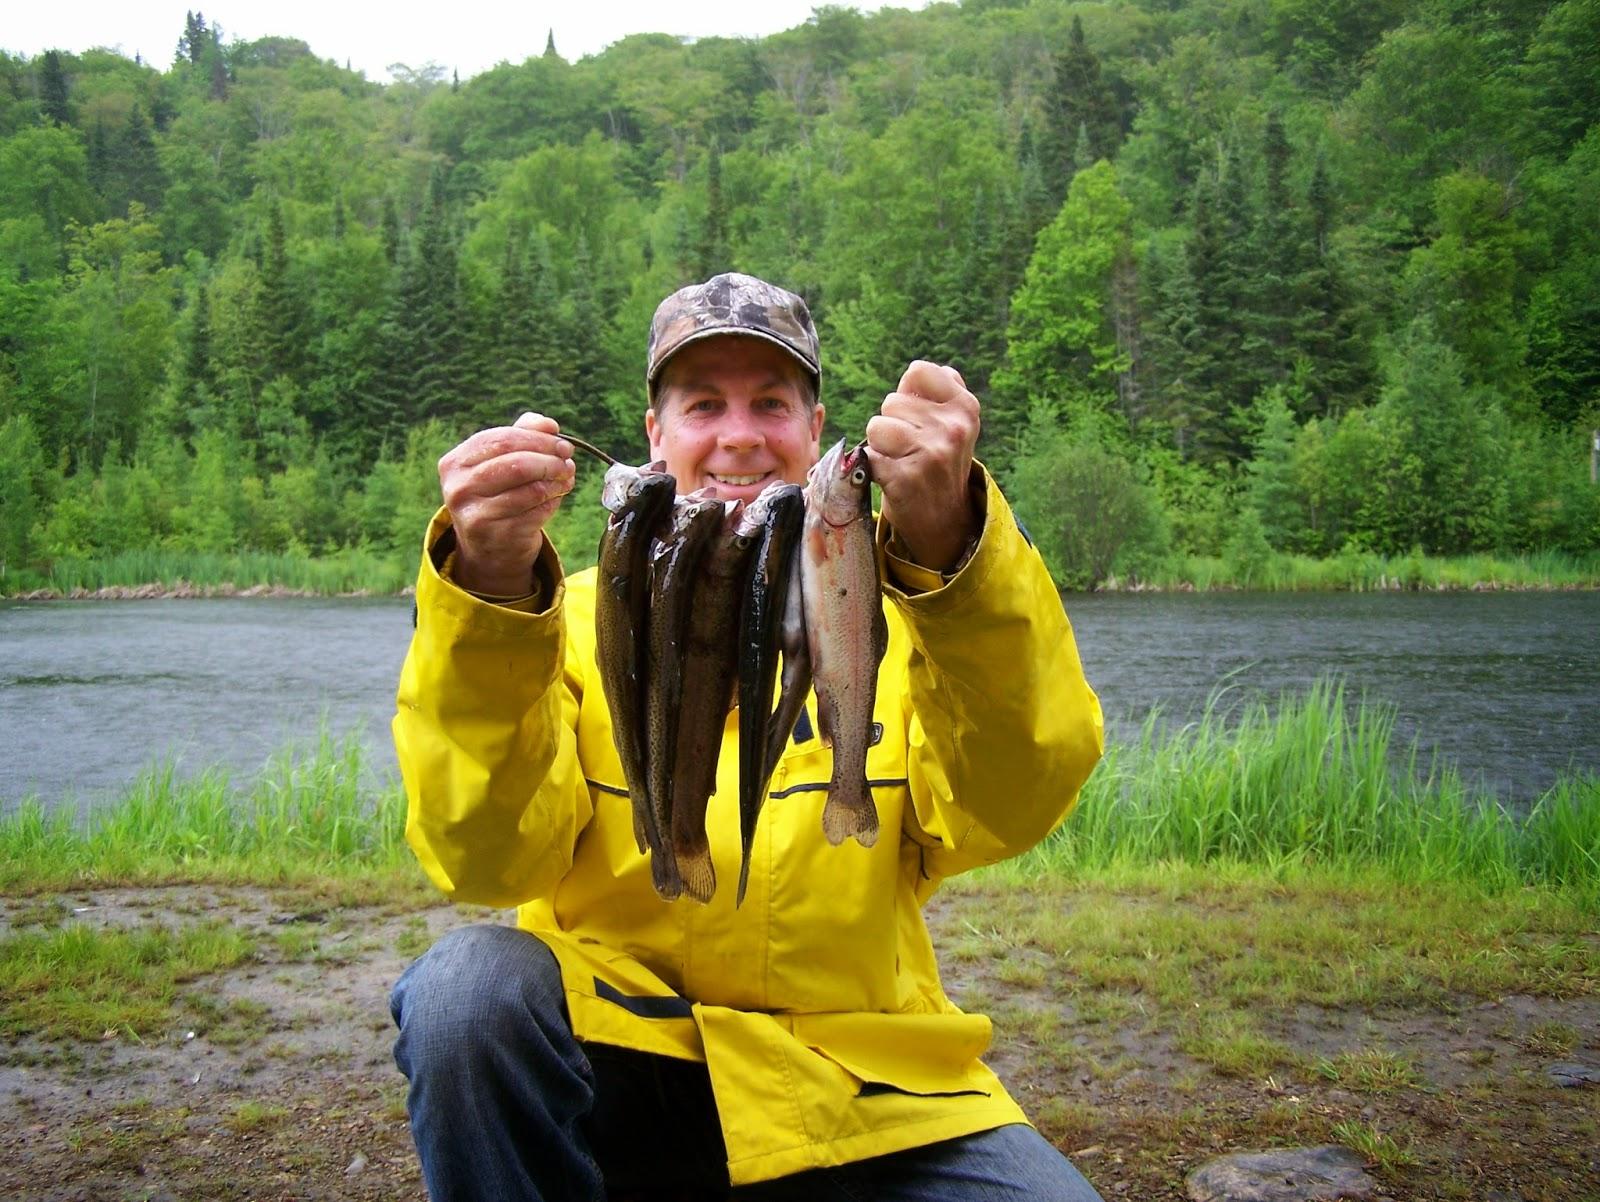 Pêche truite mouchetée, pêche omble de fontaine, blogue de pêche, parlons pêche